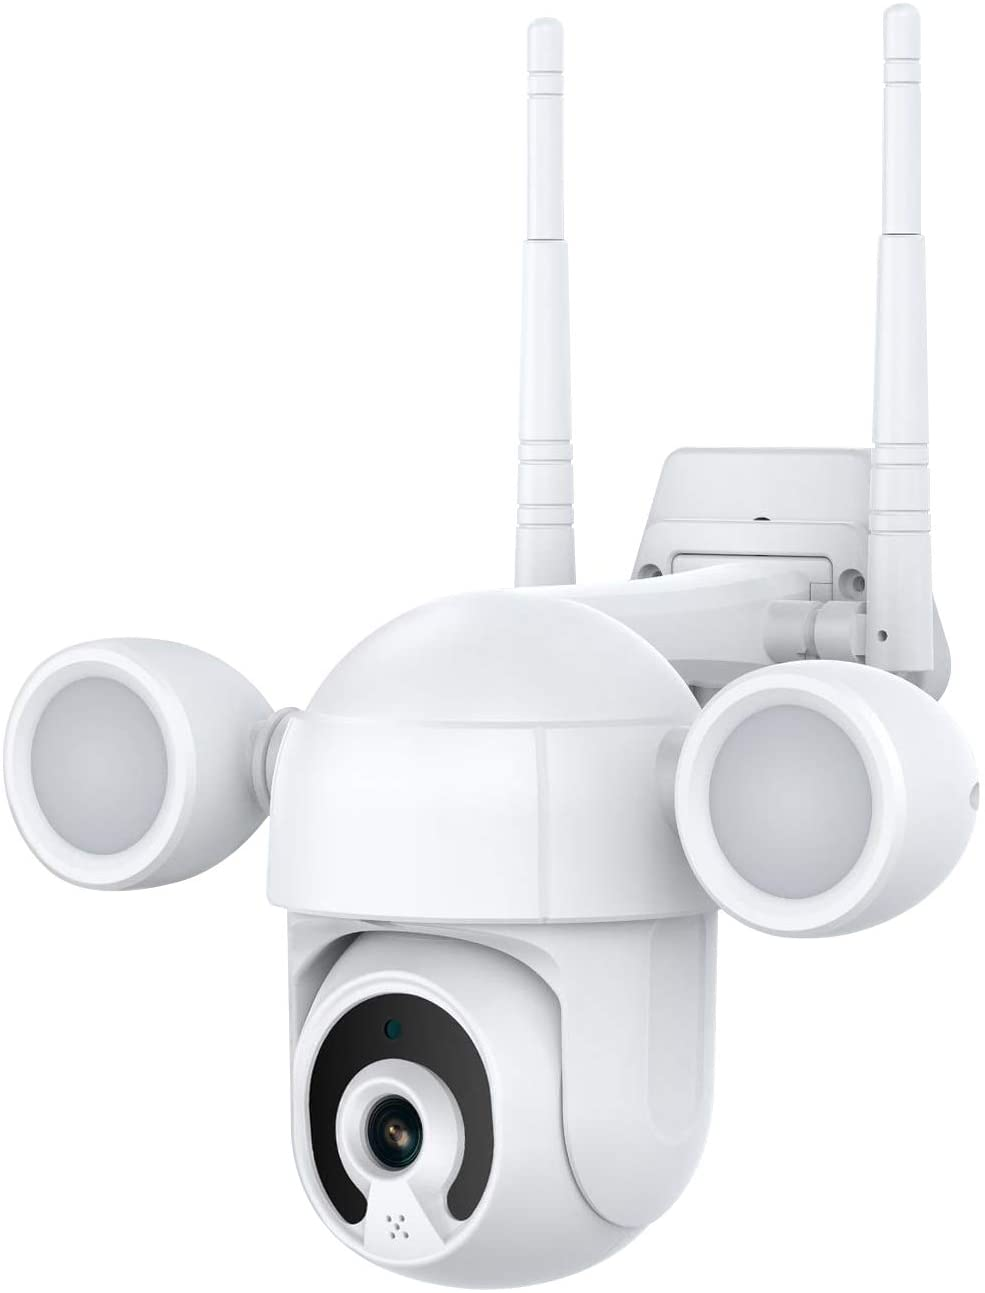 دوربین مداربسته هوشمند وای فای مجهز به نورافکن